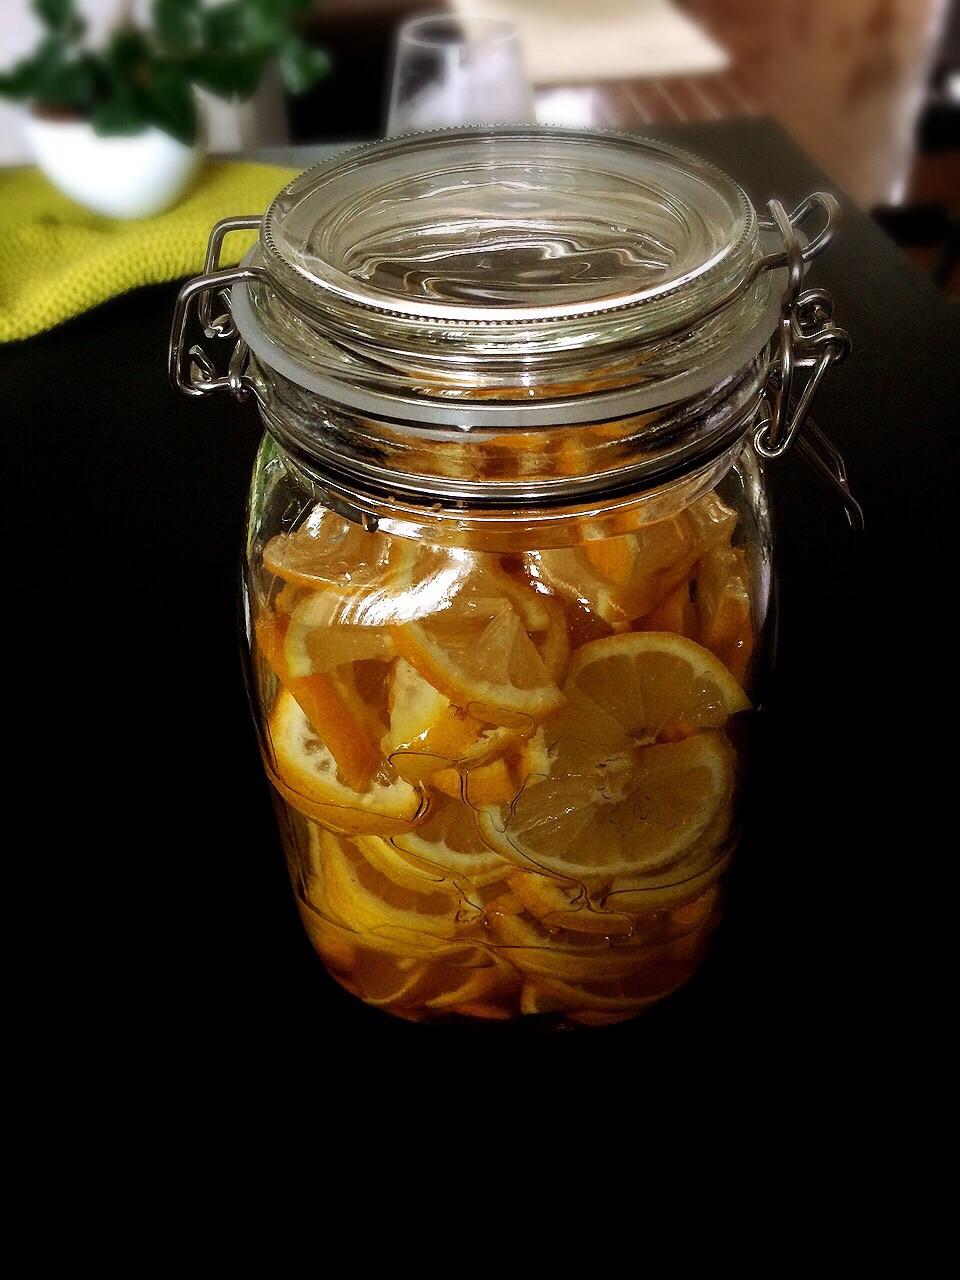 はちみつレモンのレシピを紹介!保存期間と方法は?効果と効能も調査!のサムネイル画像